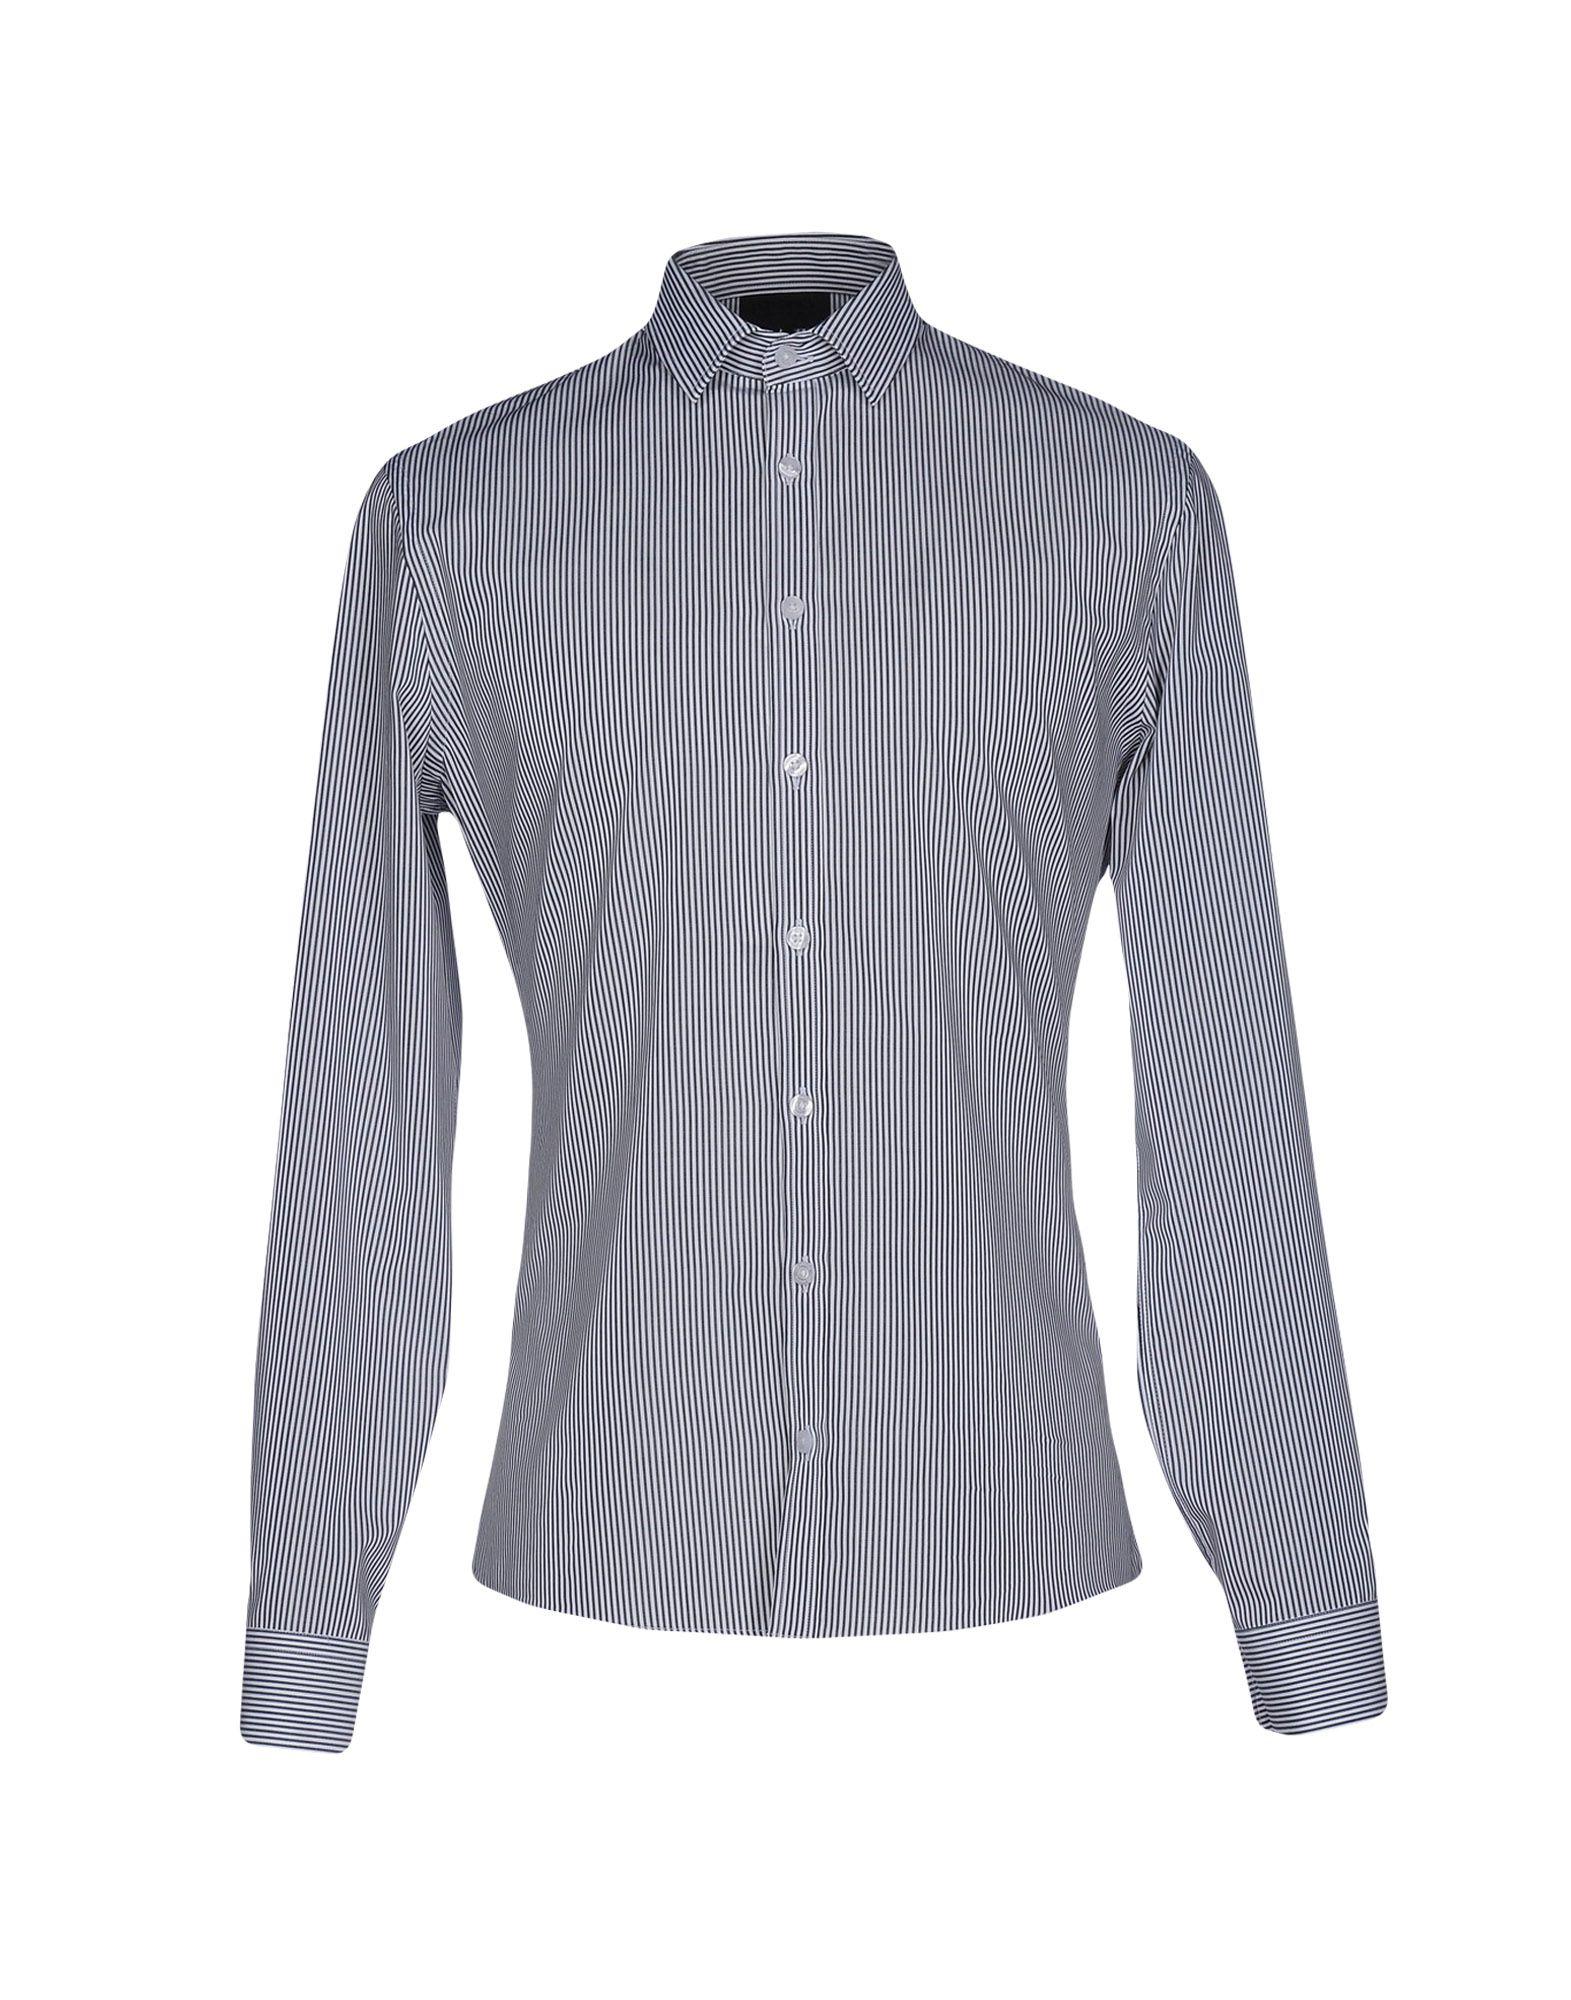 LES HOMMES Herren Hemd Farbe Schwarz Größe 4 jetztbilligerkaufen